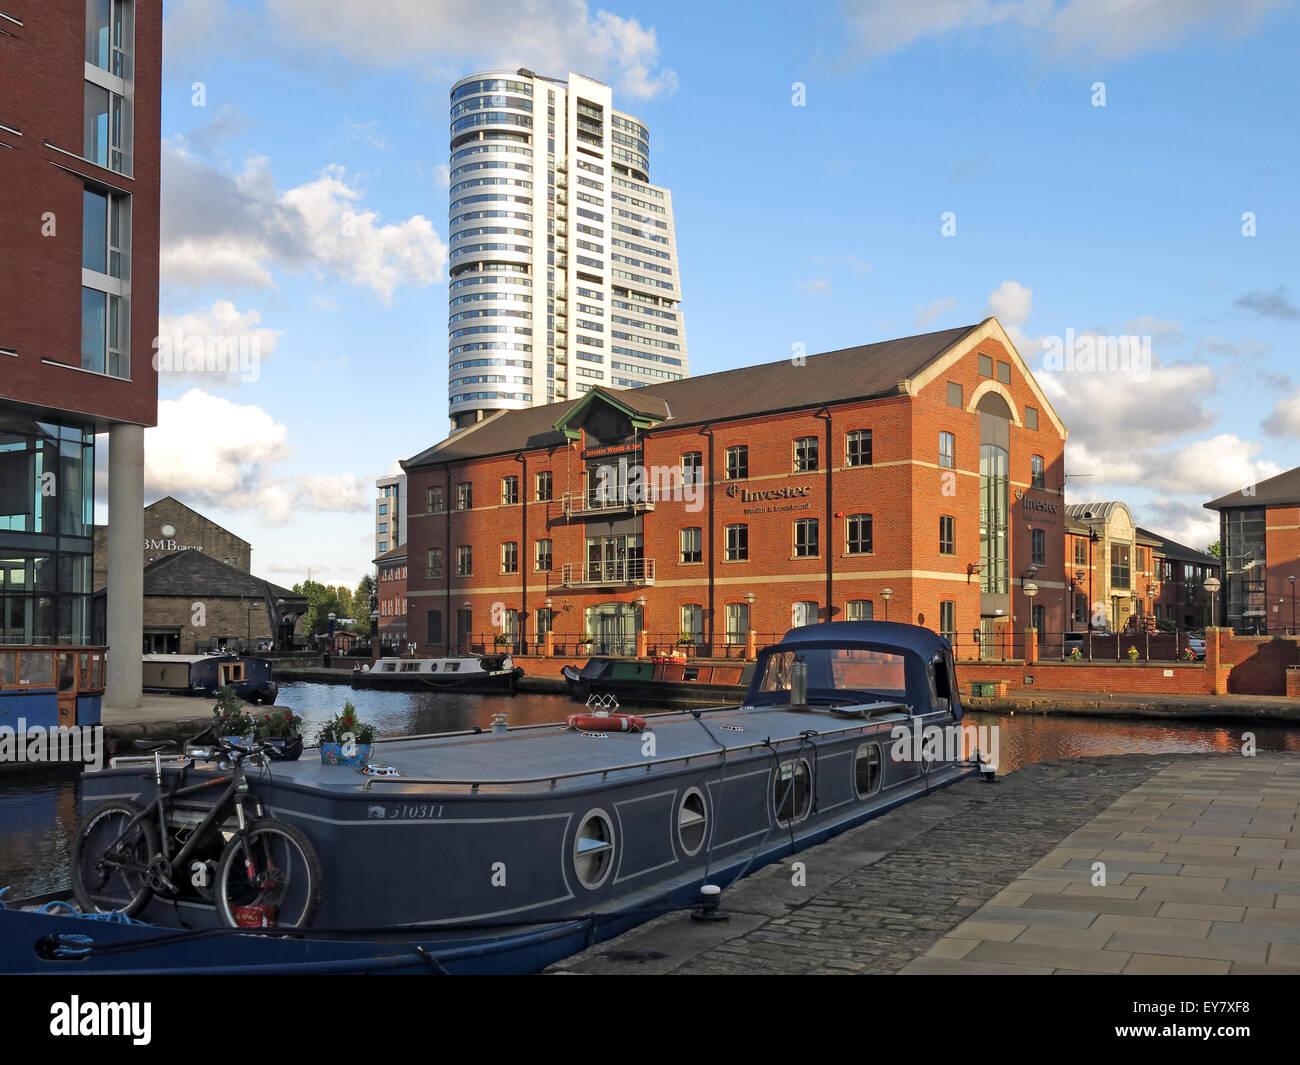 Laden Sie dieses Alamy Stockfoto Leeds Wharf Lock, Innenstadt, West Yorkshire, England, Vereinigtes Königreich (Leeds / Liverpool Canal) - EY7XF8